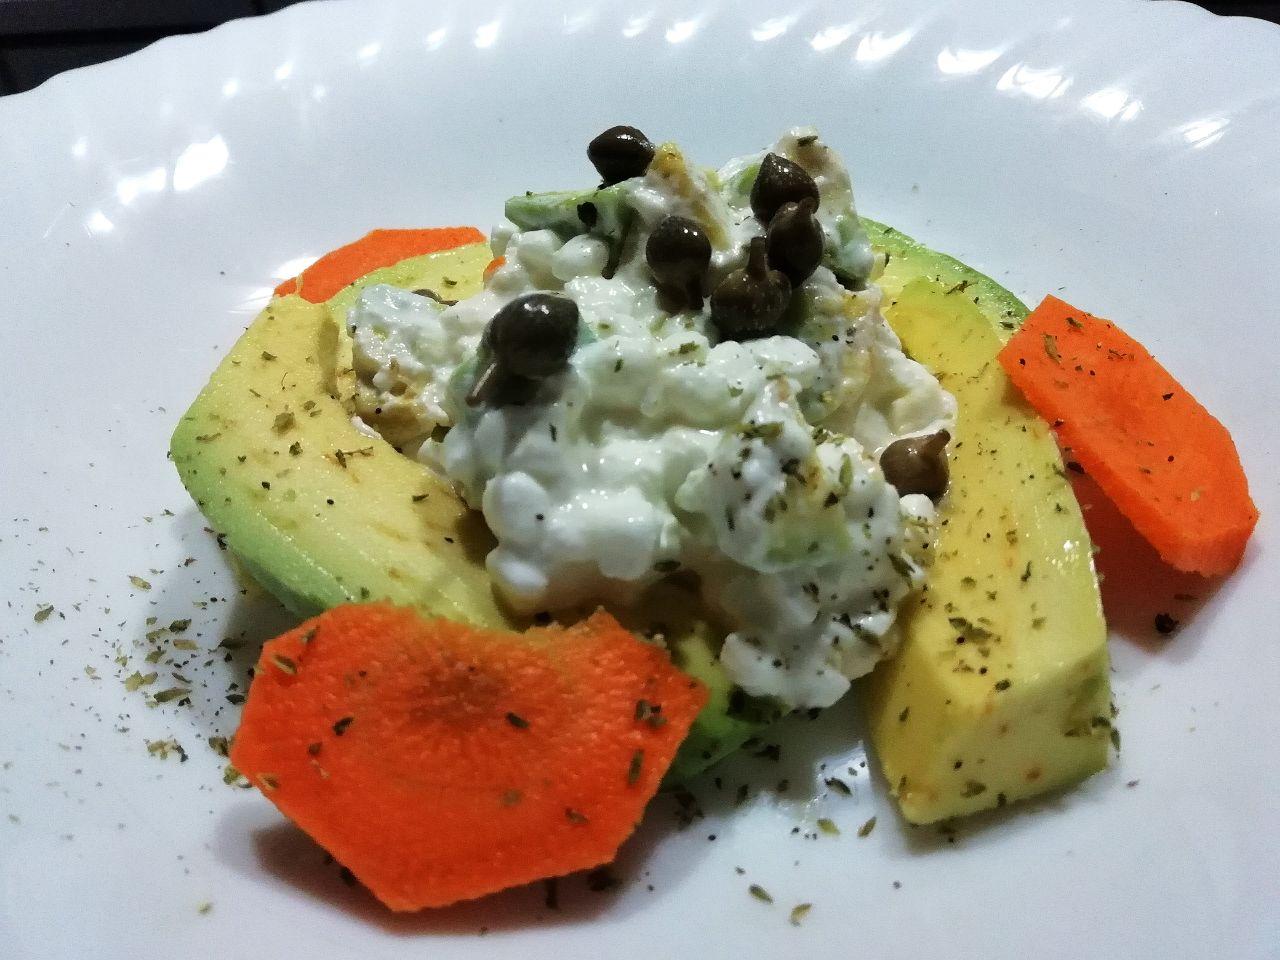 Insalate leggere e semplici: di avocado, carote e fiocchi di latte!